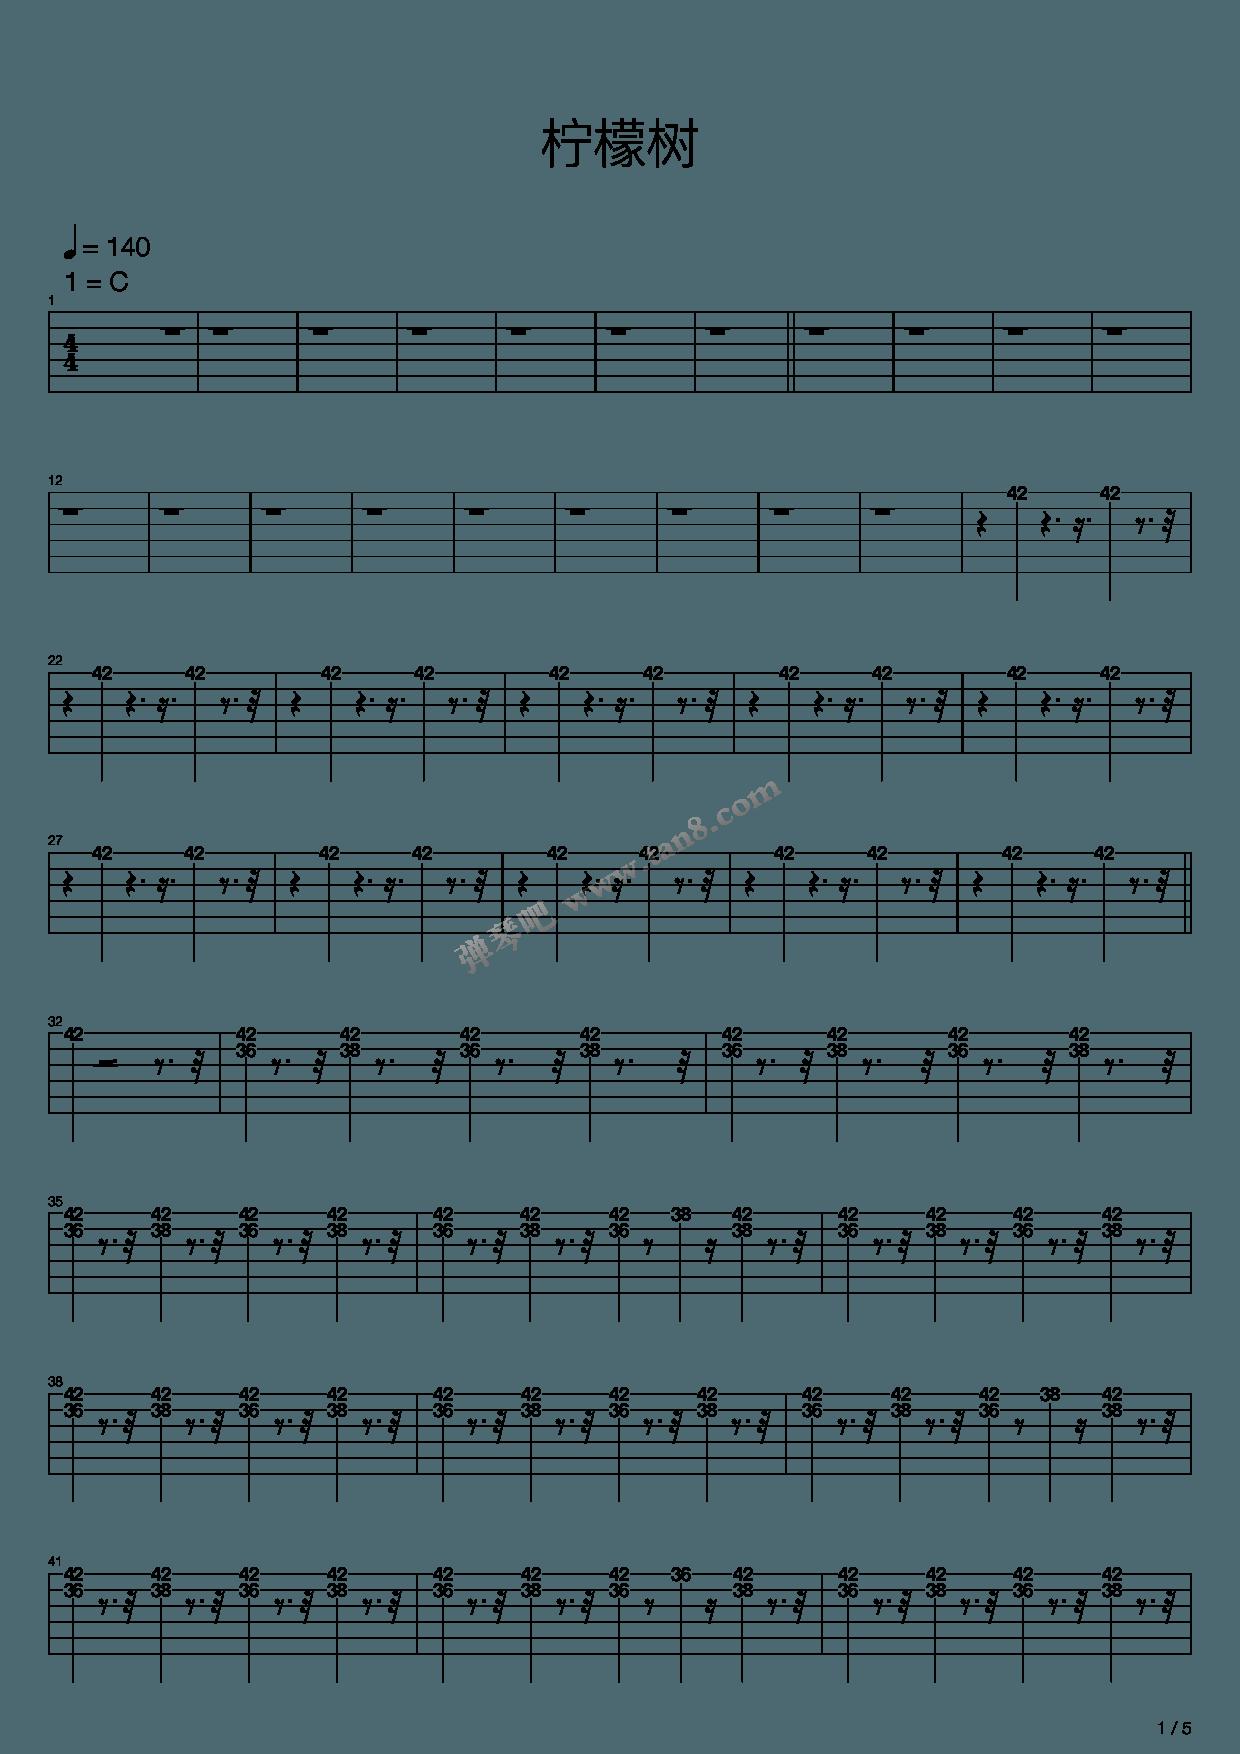 柠檬树 苏慧伦 下载_柠檬树 吉他谱-虫虫吉他谱免费下载